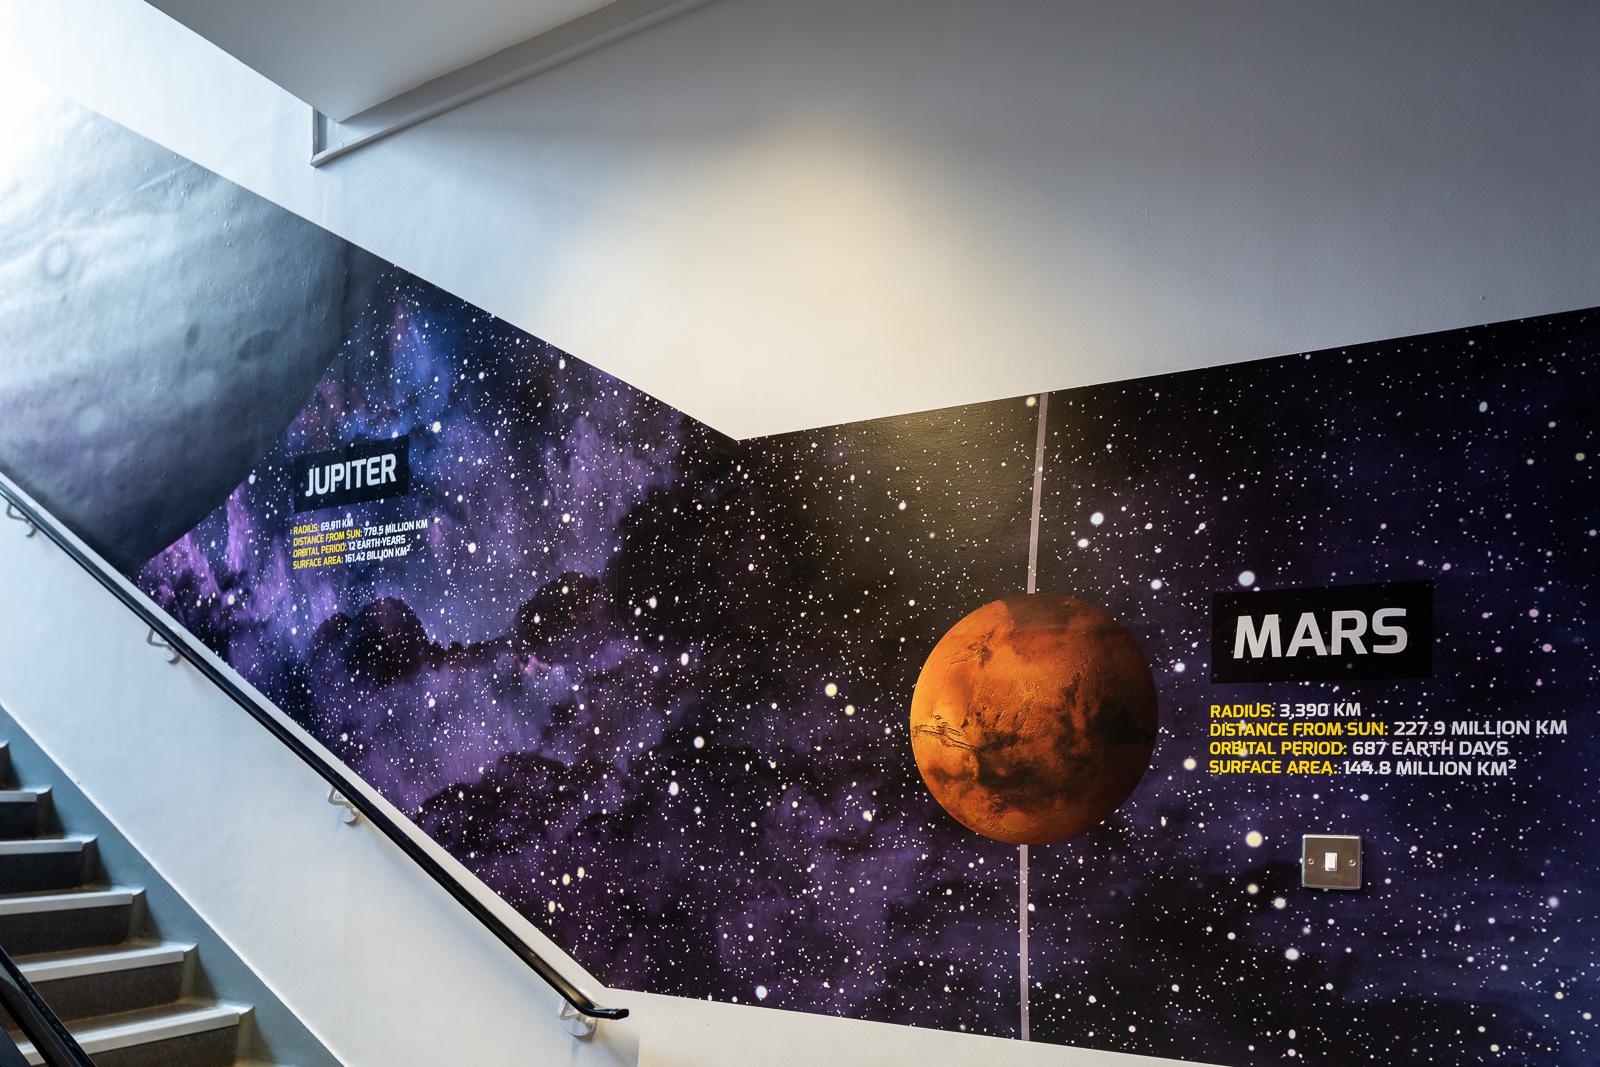 Solar system themed wall art in school corridor